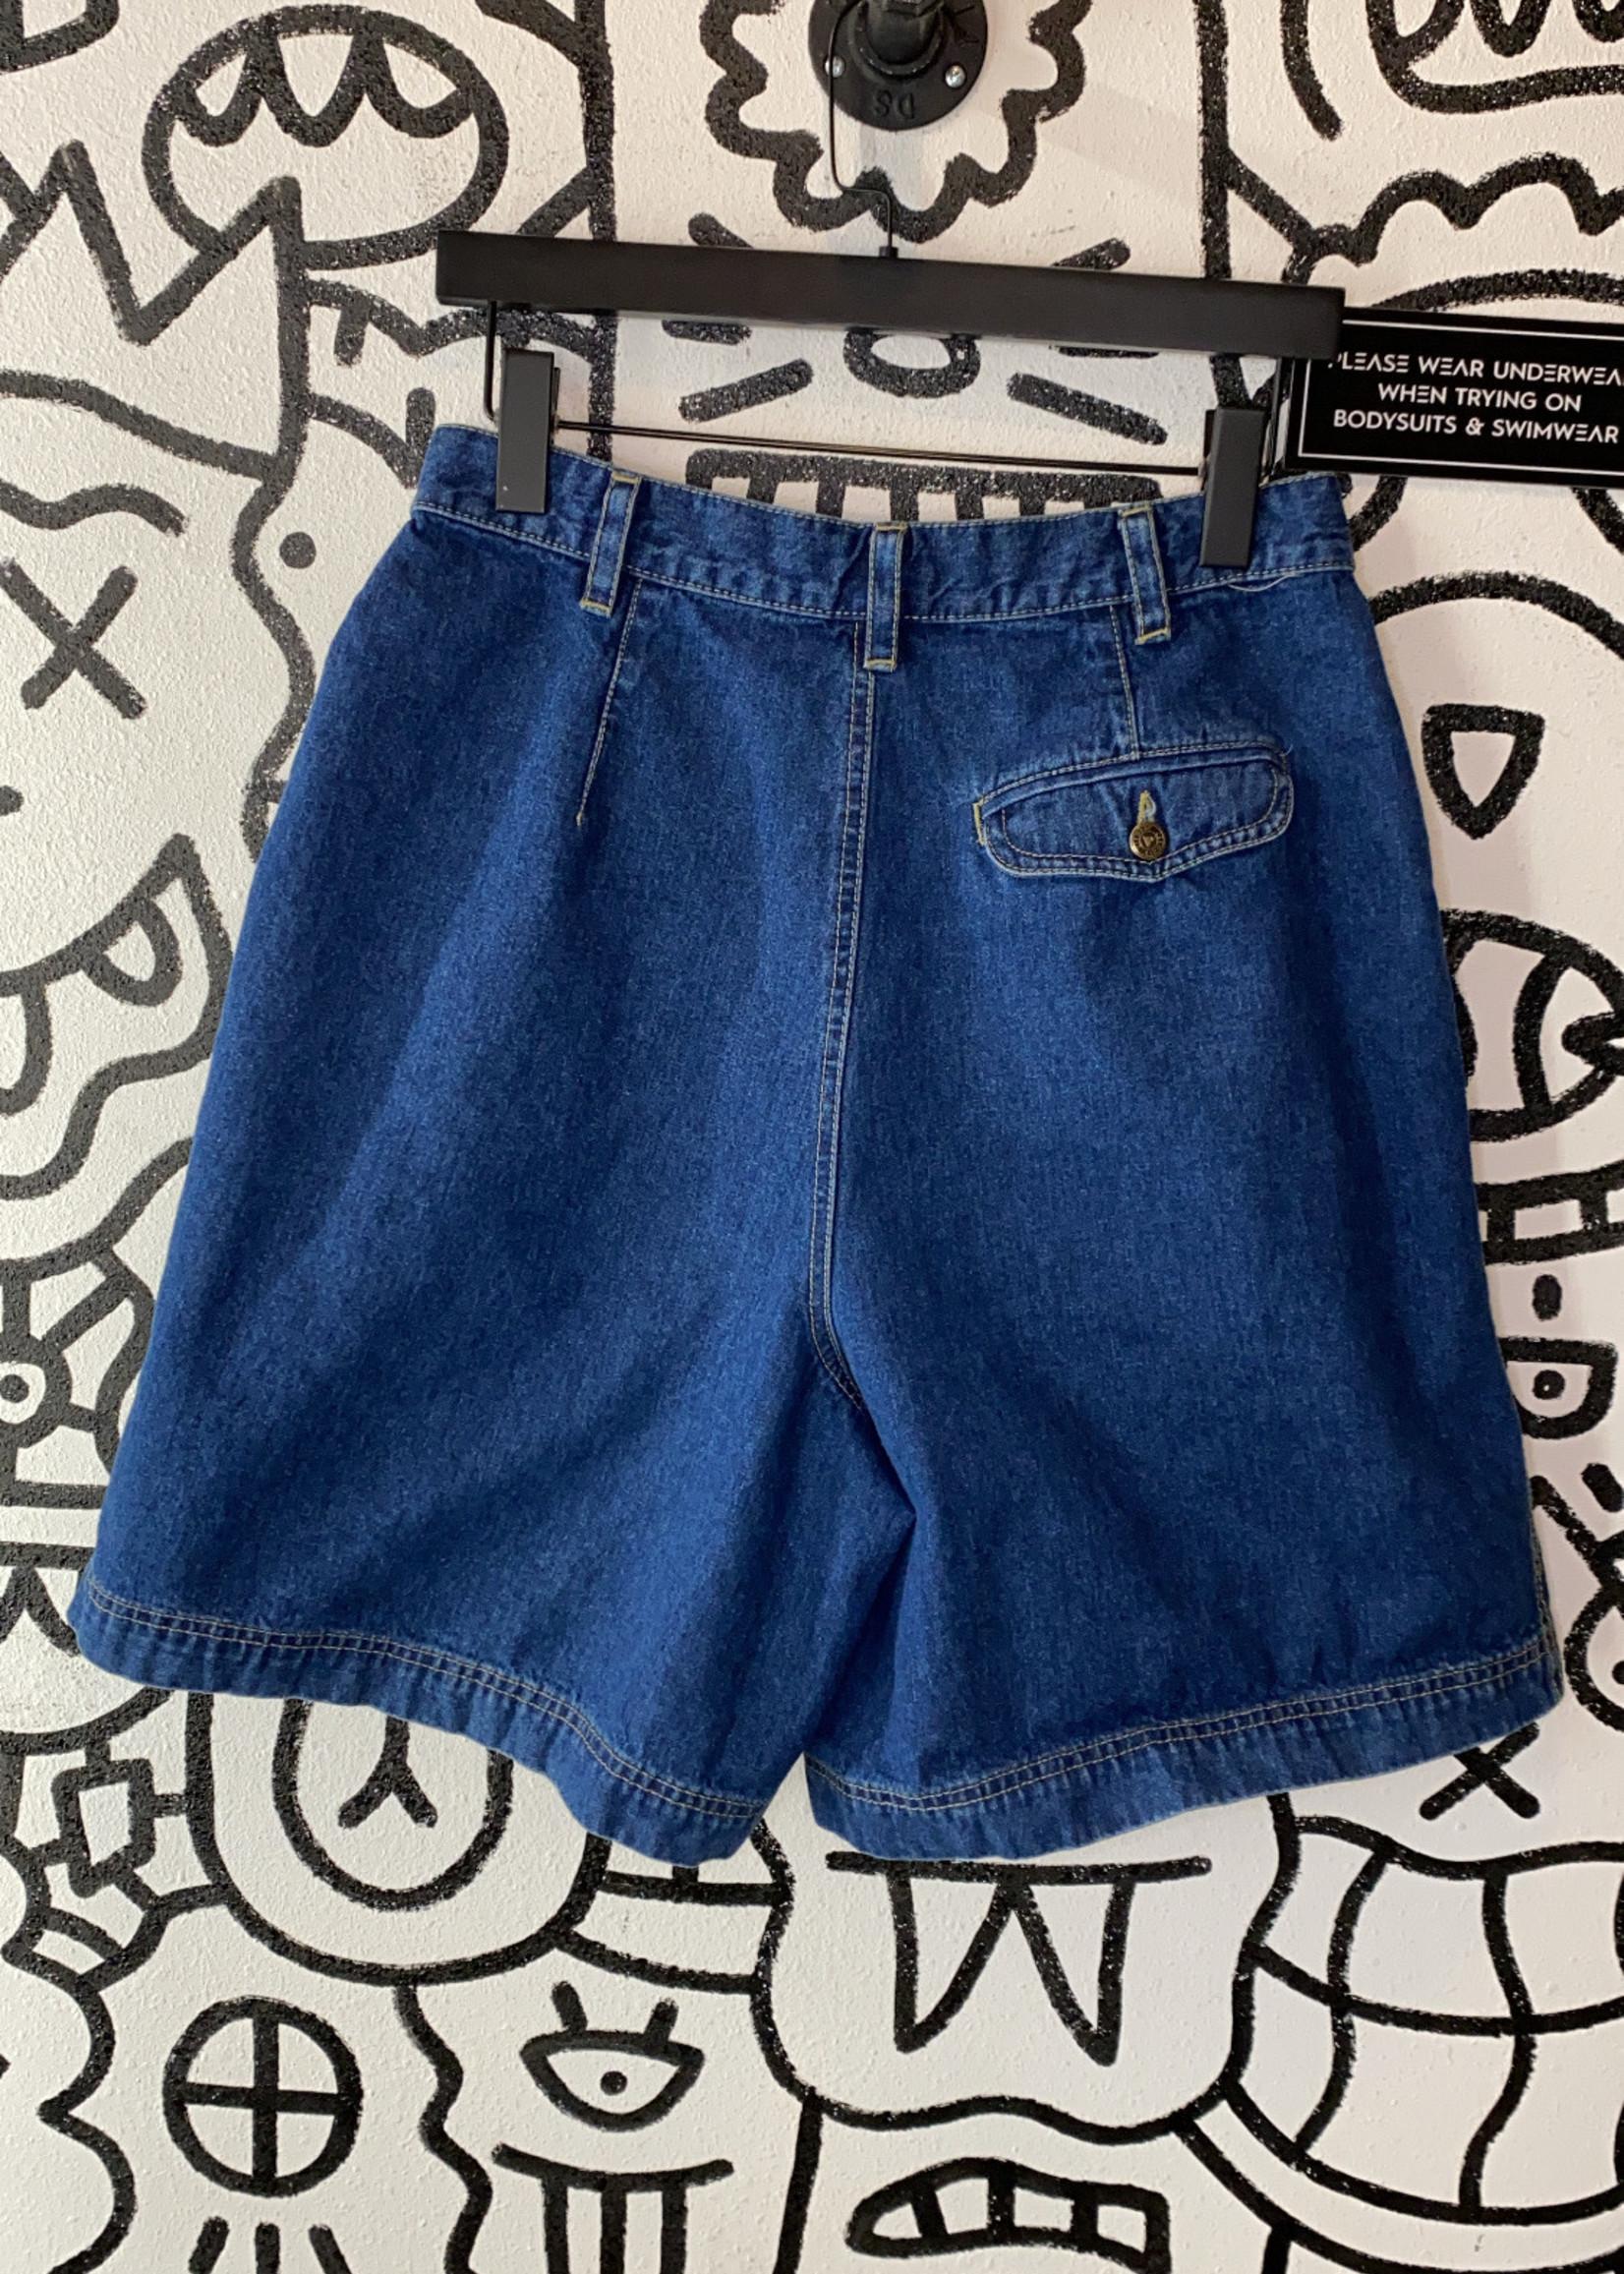 Lizwear Blue Mom Jean Short 12 M